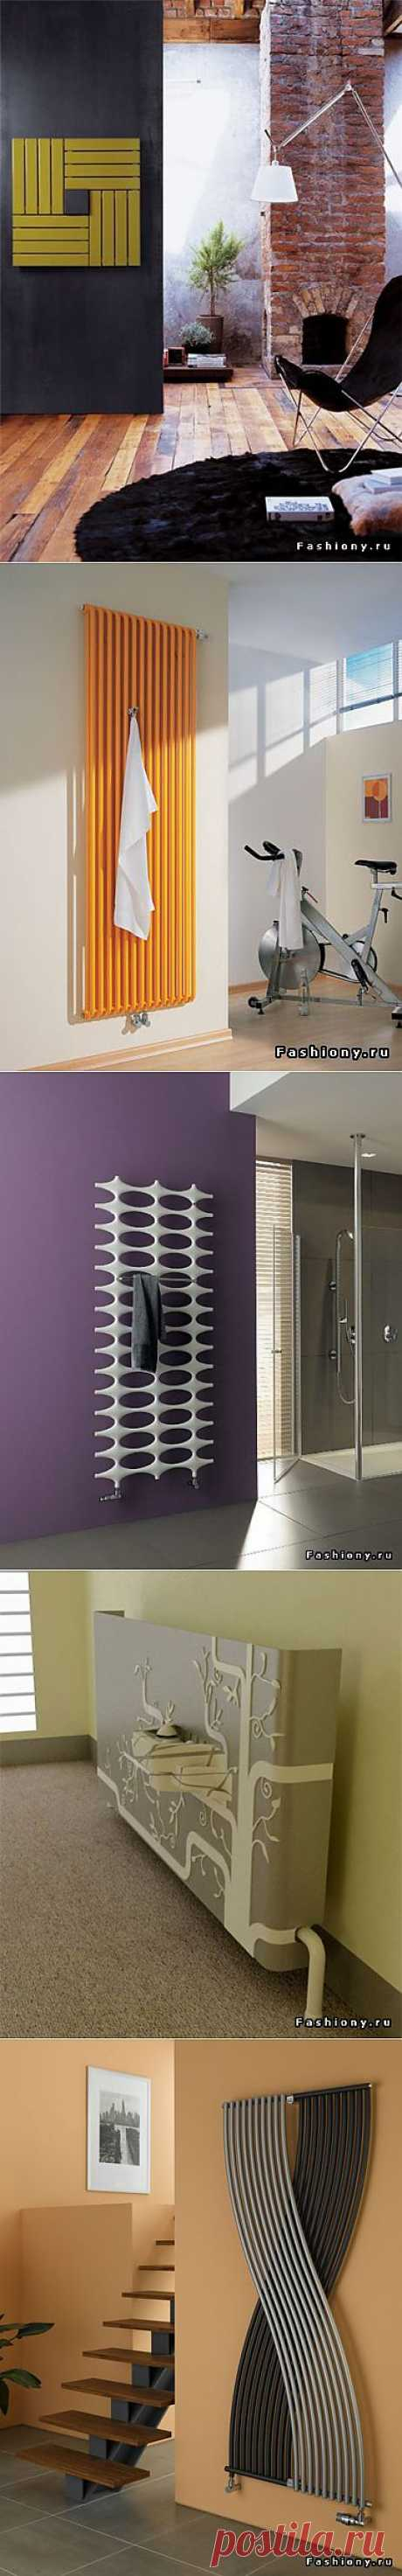 Радиаторы отопления как элемент декора.